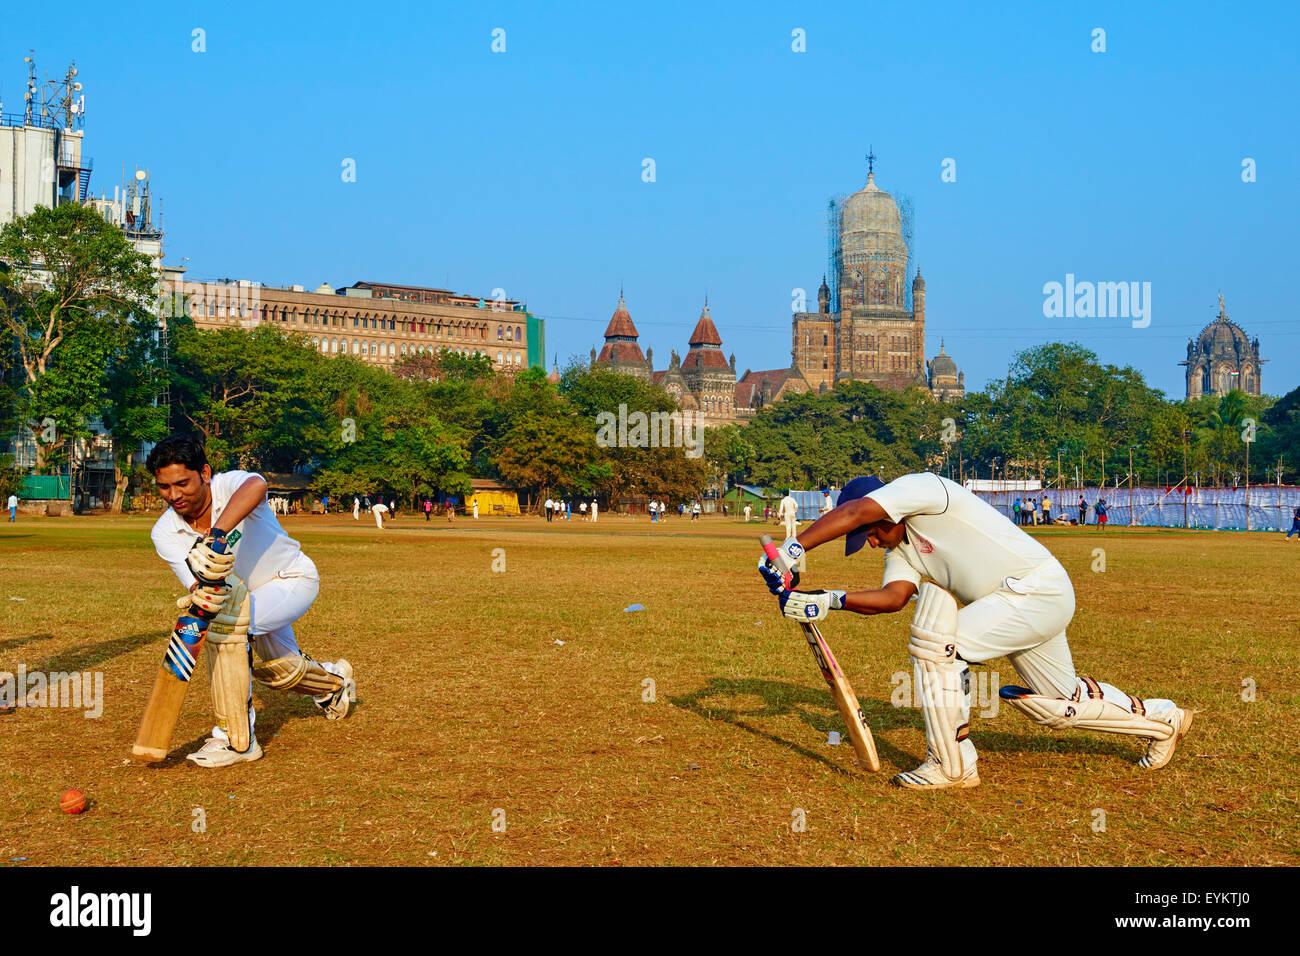 India, Maharashtra, Mumbai (Bombay), cricket party on the Maidan - Stock Image